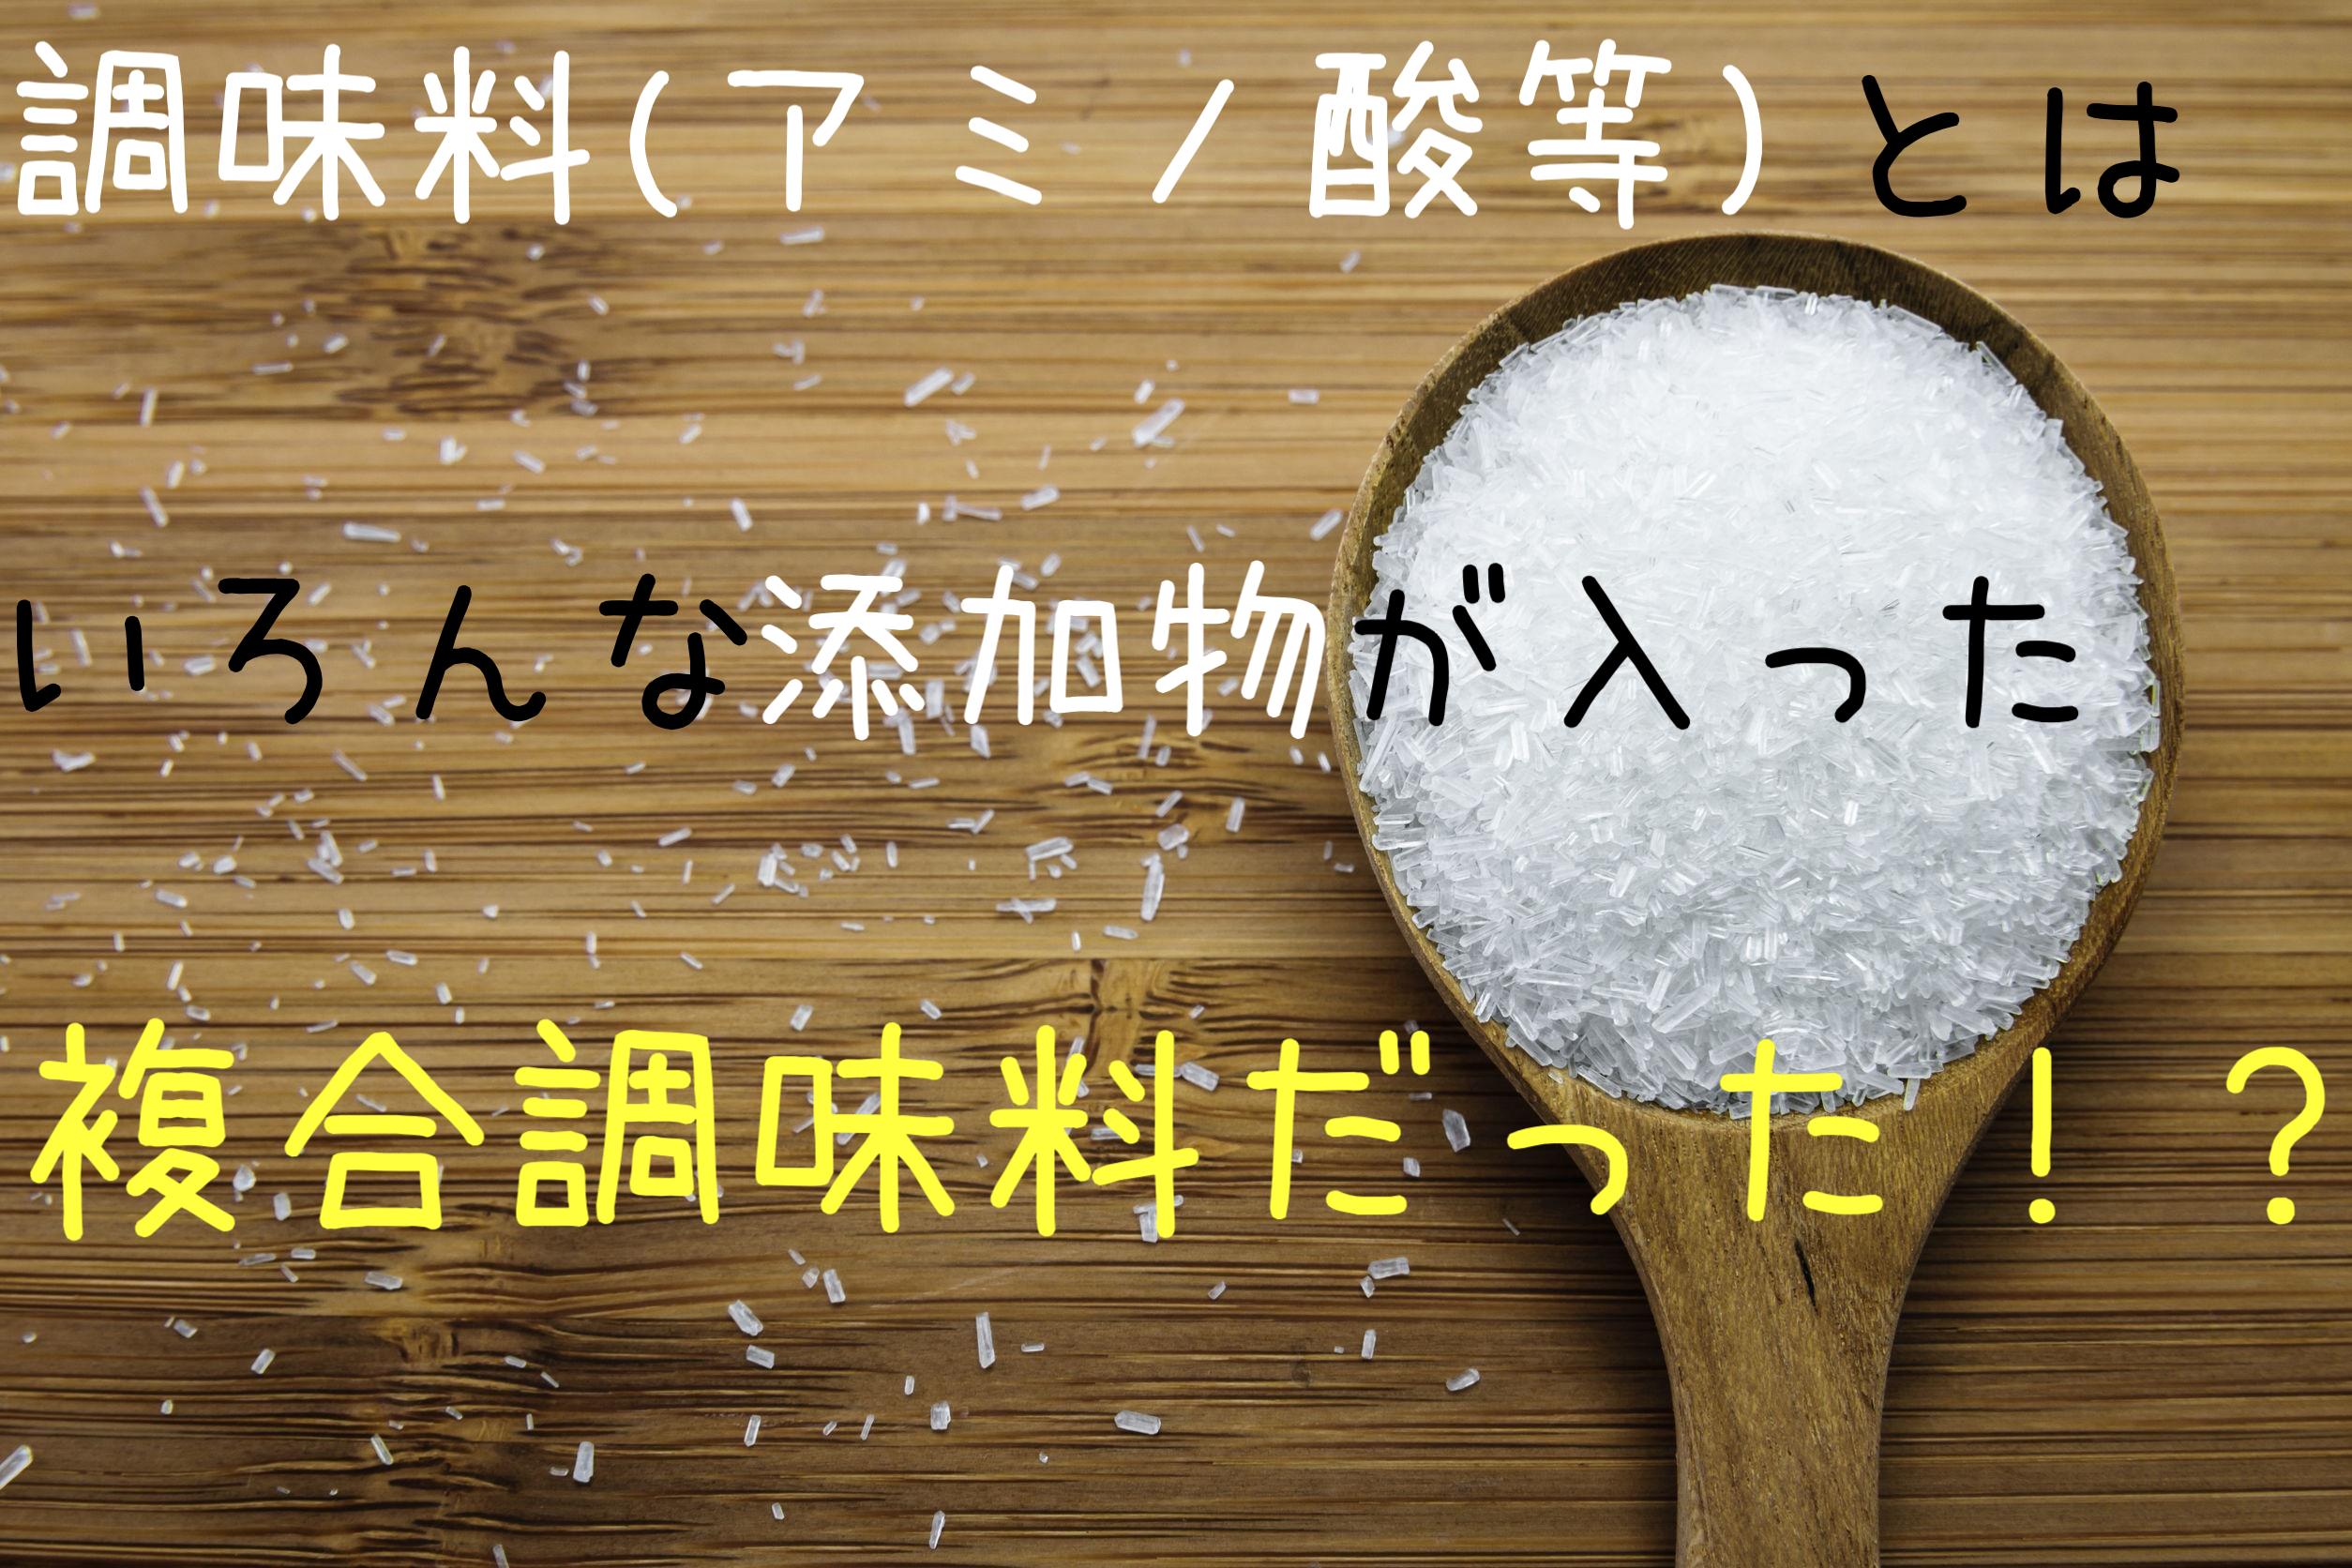 調味料(アミノ酸等)の表示について